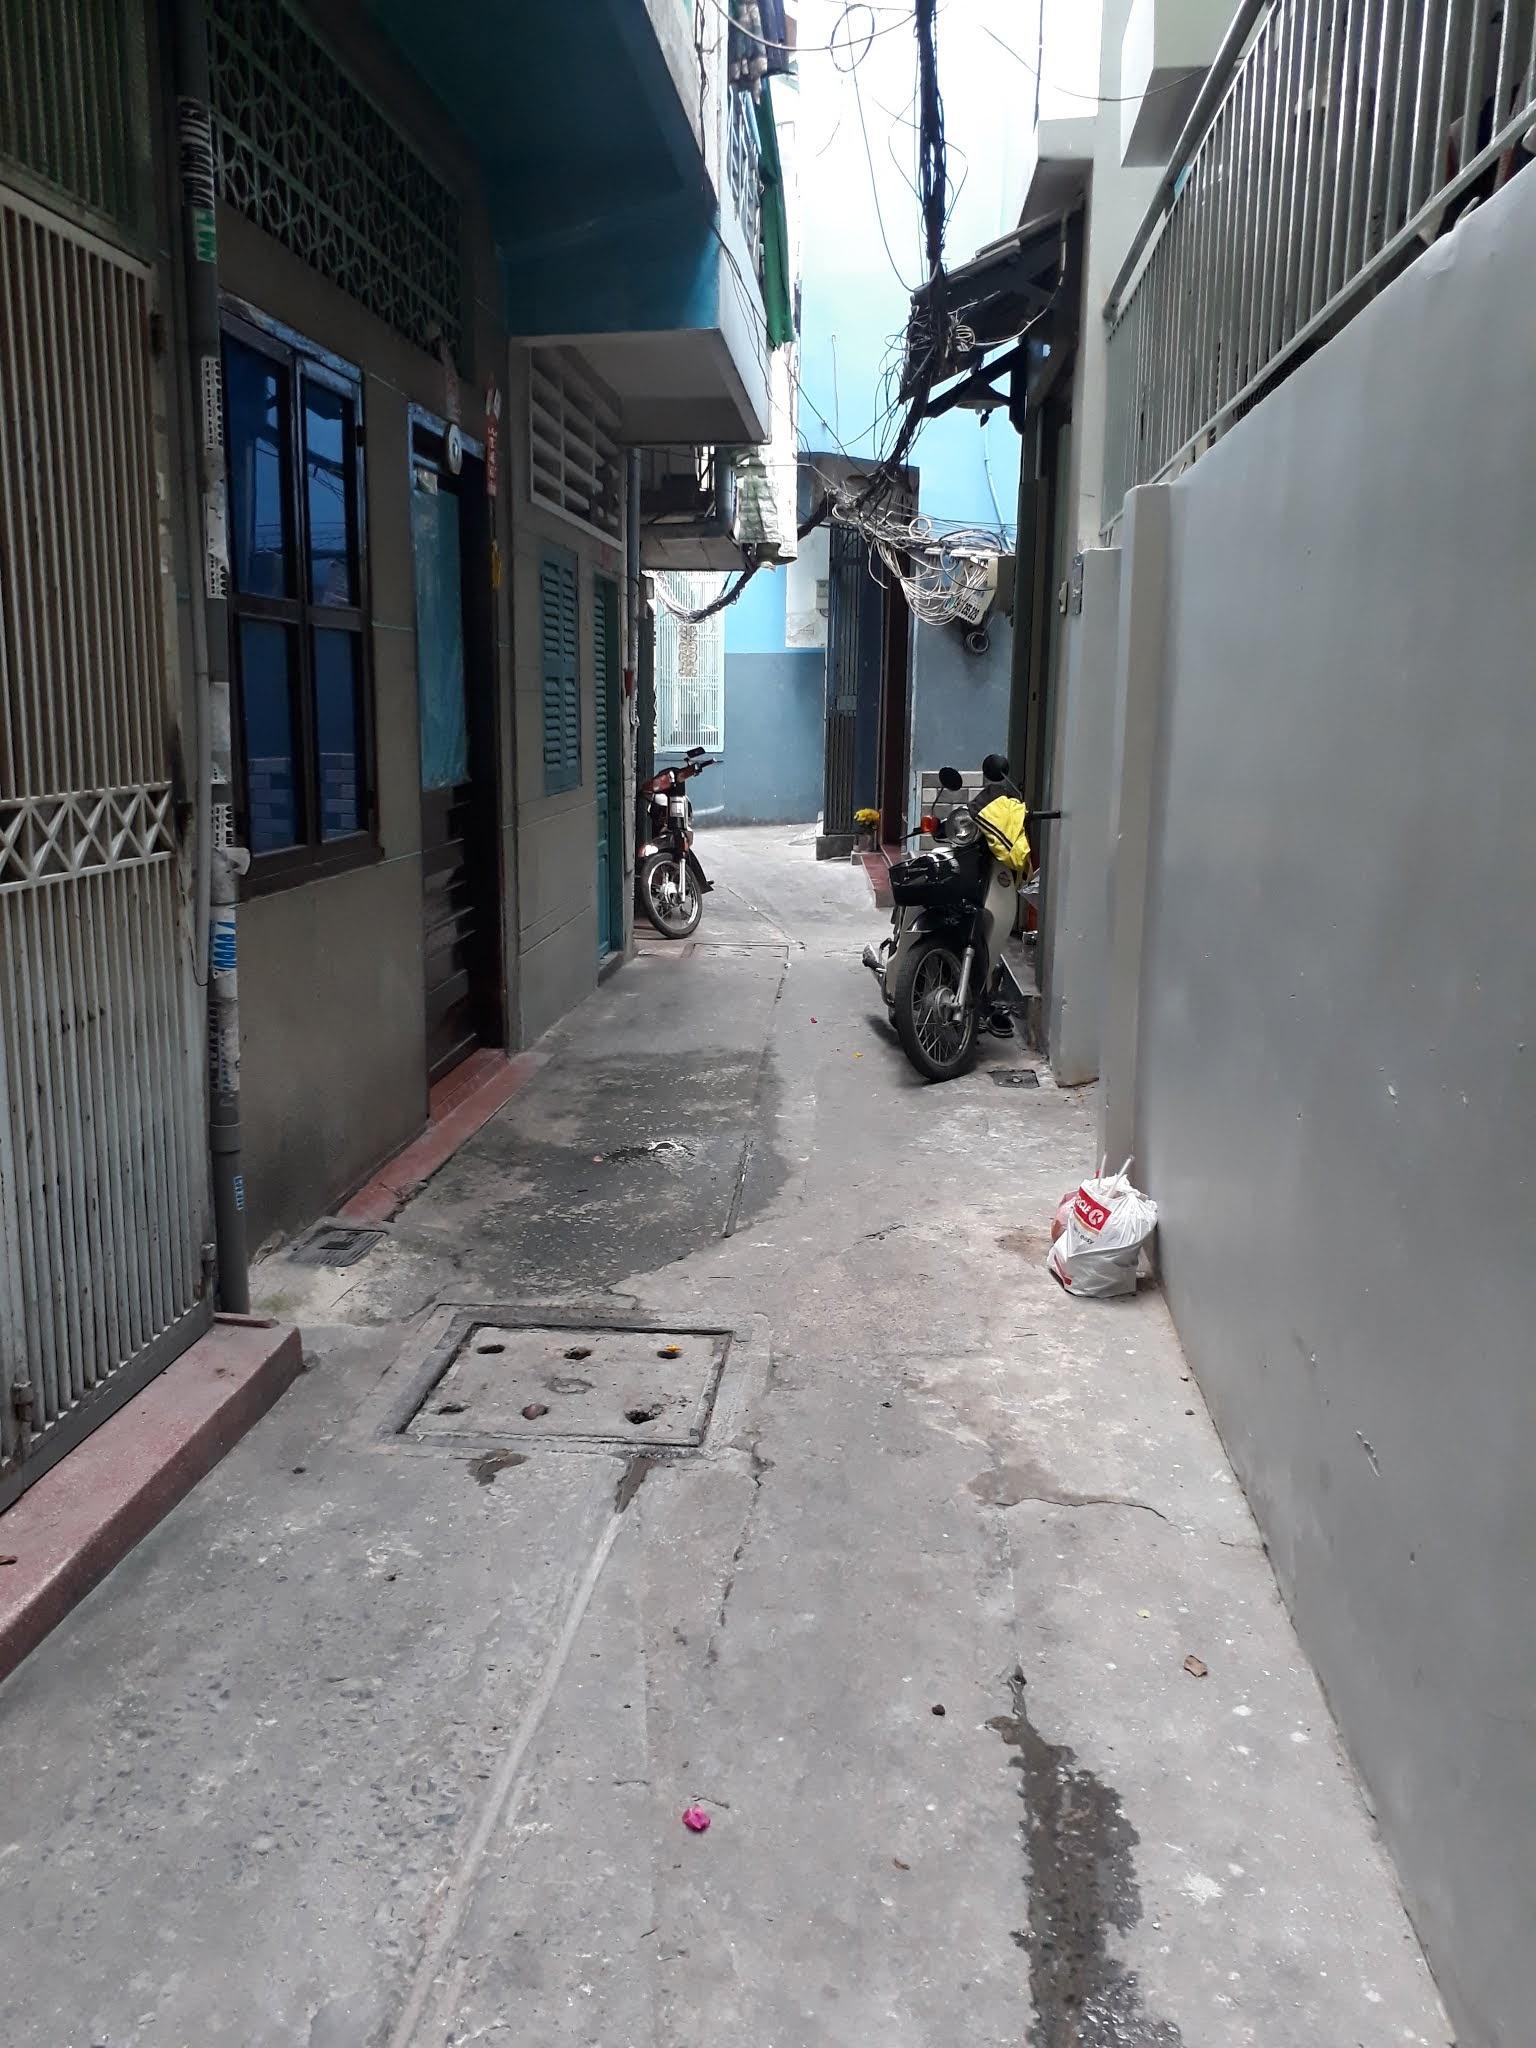 Bán nhà hẻm Trần Hưng Đạo Quận 1, kế bên phố đi bộ Bùi Viện